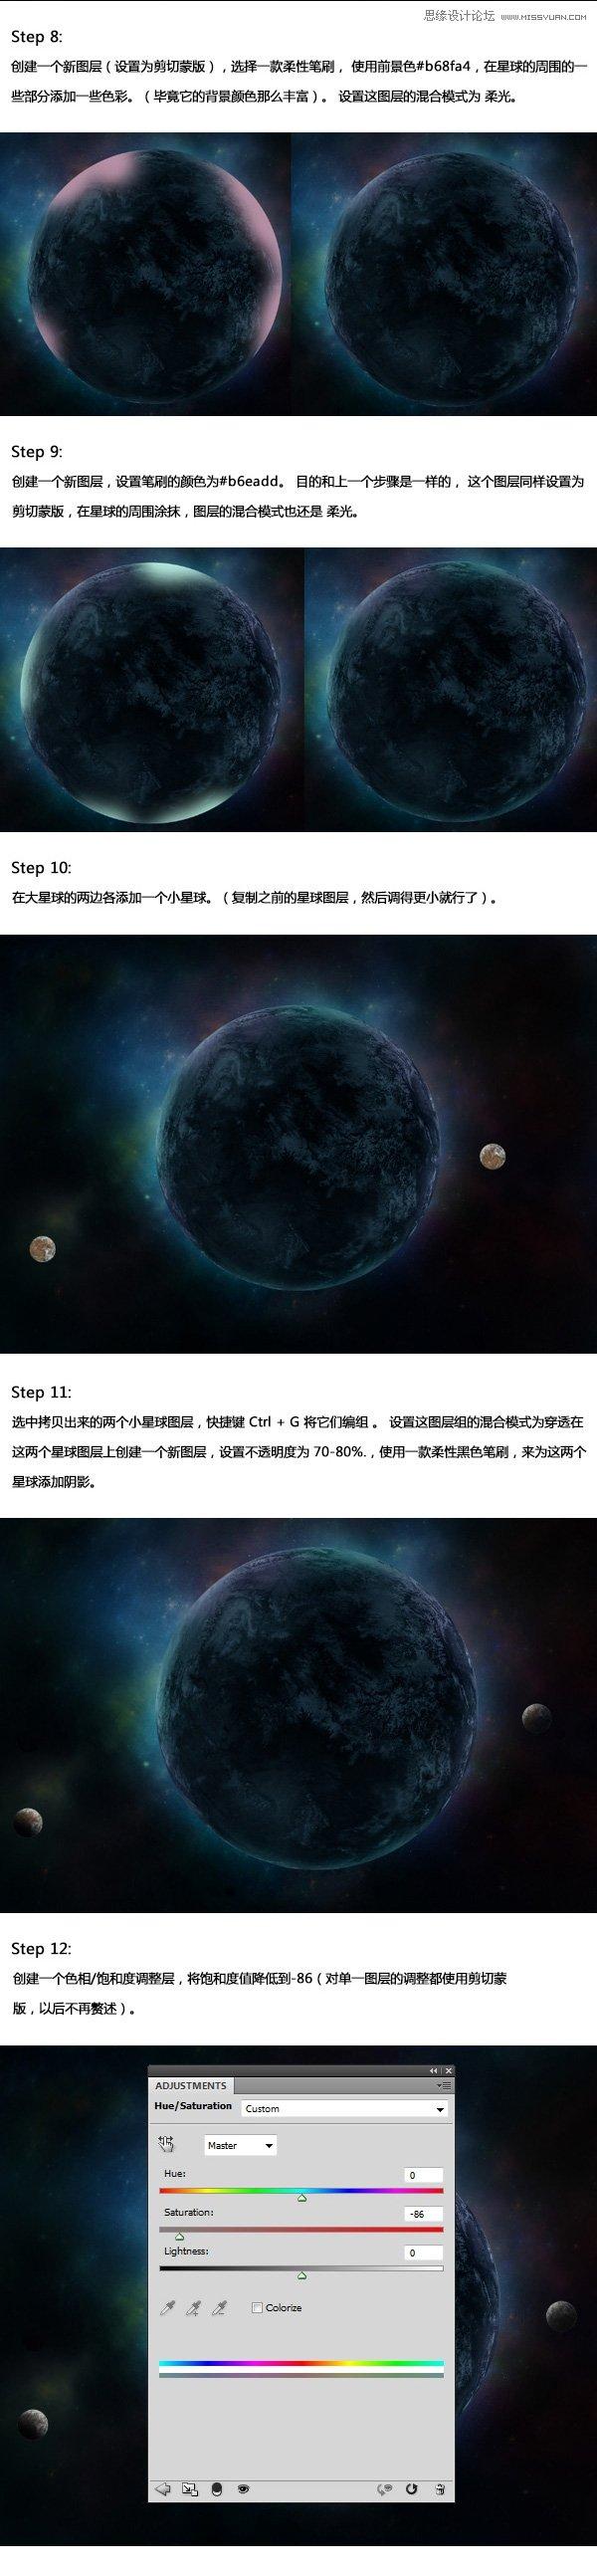 Photoshop合成制作科幻风格的太空场景效果图